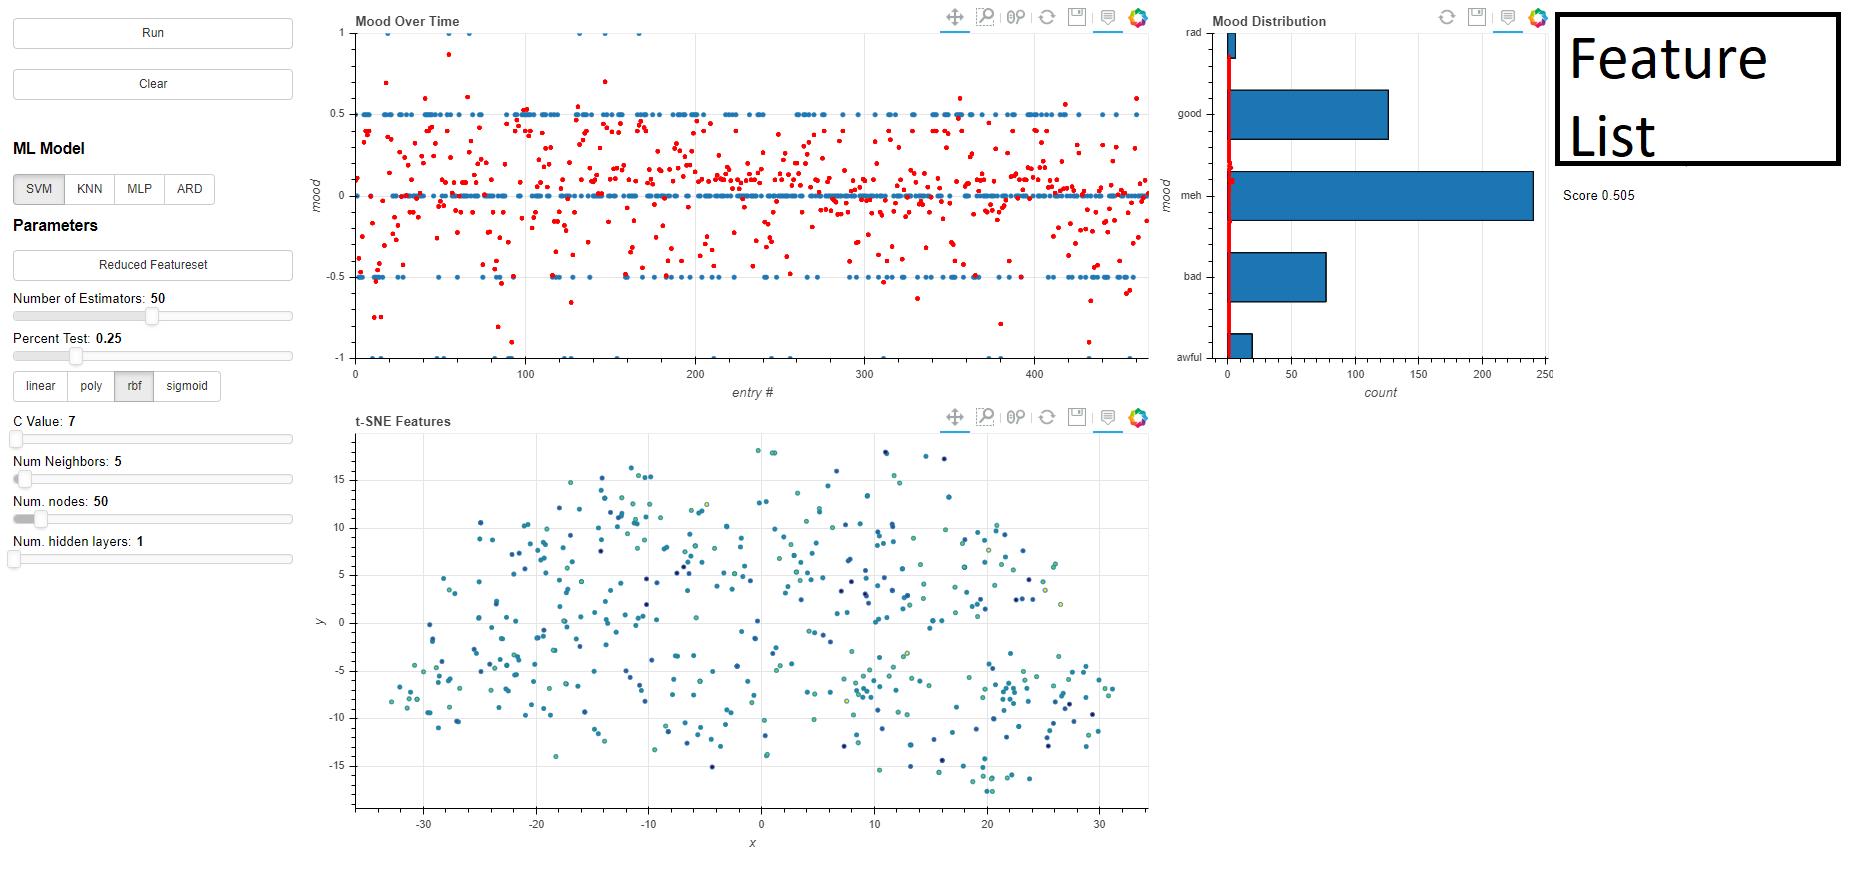 Daylio Data Analysis